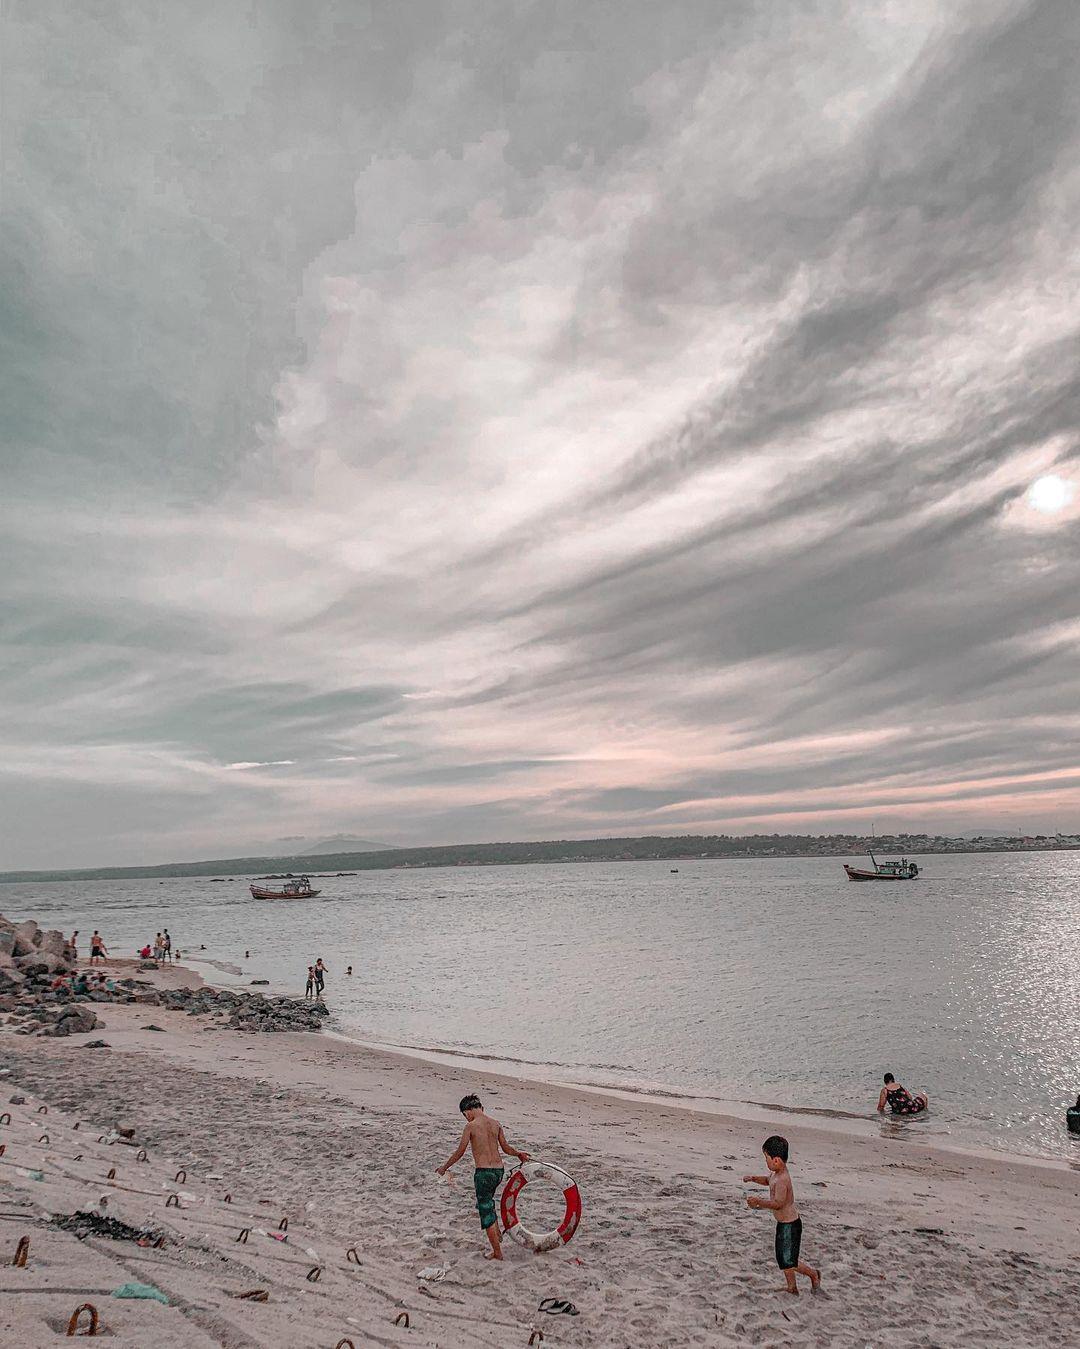 du lịch Phan Thiết tắm biển ở đâu